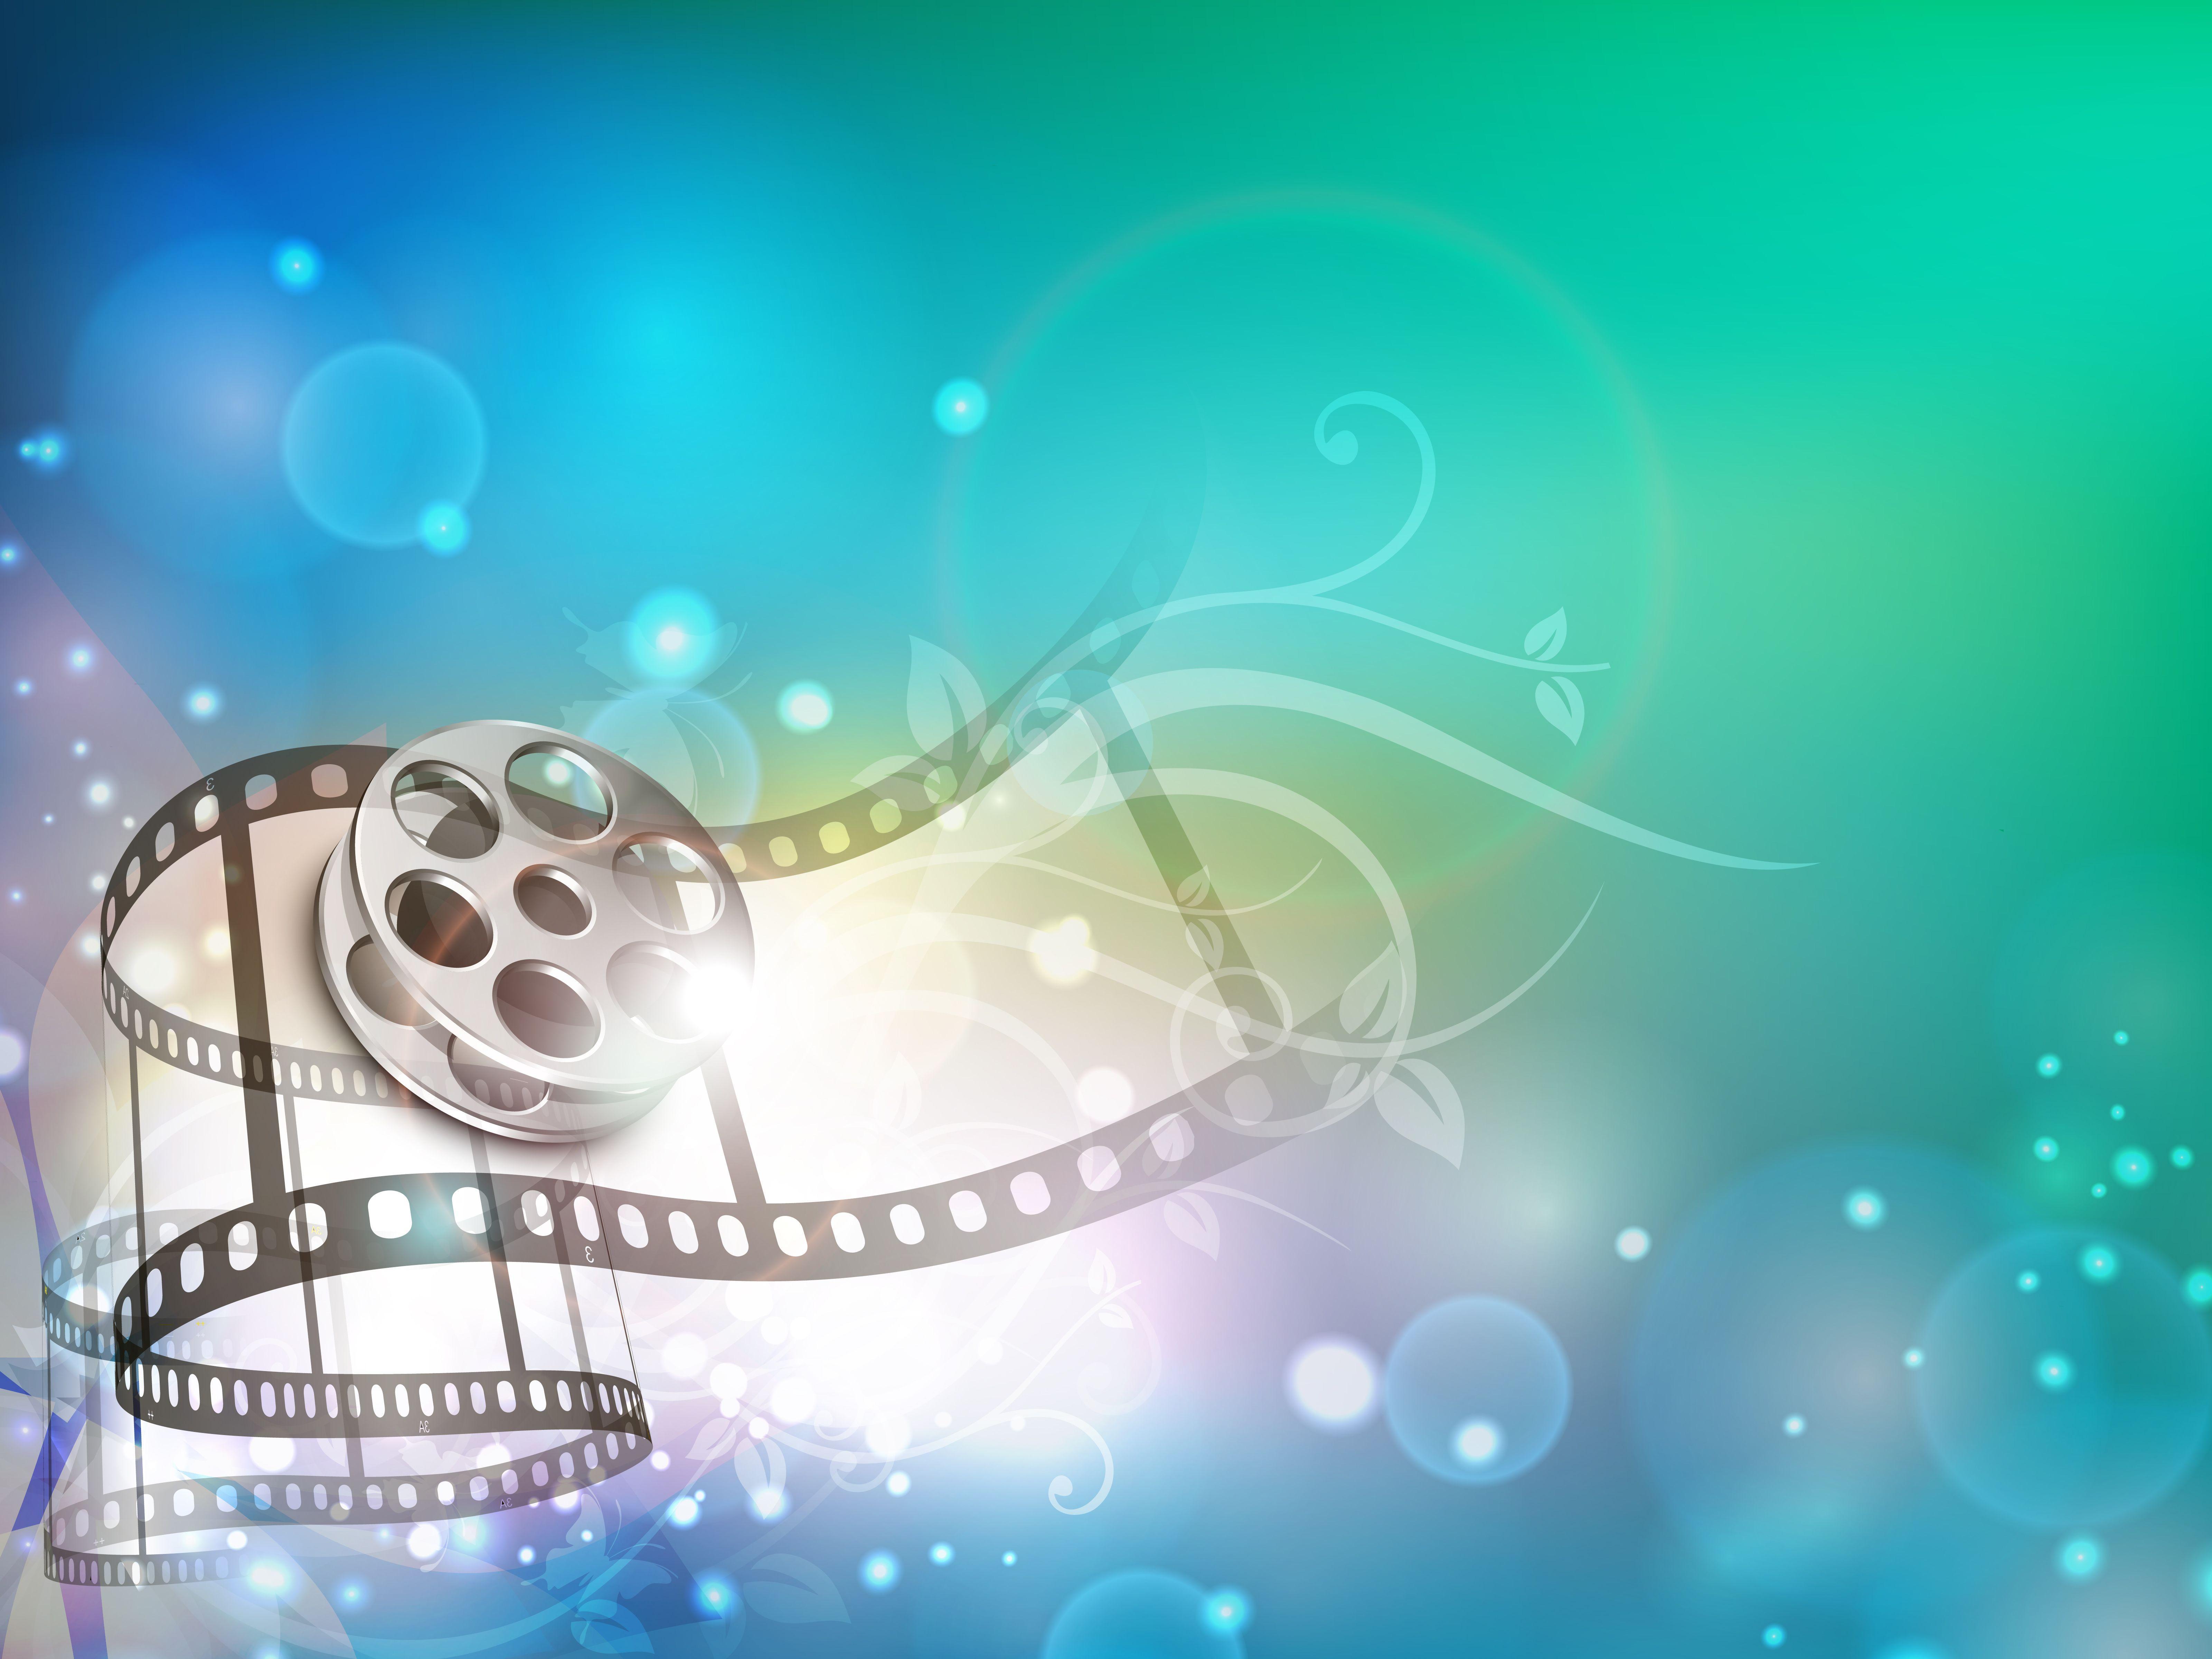 Www.Filme.De Kostenlos